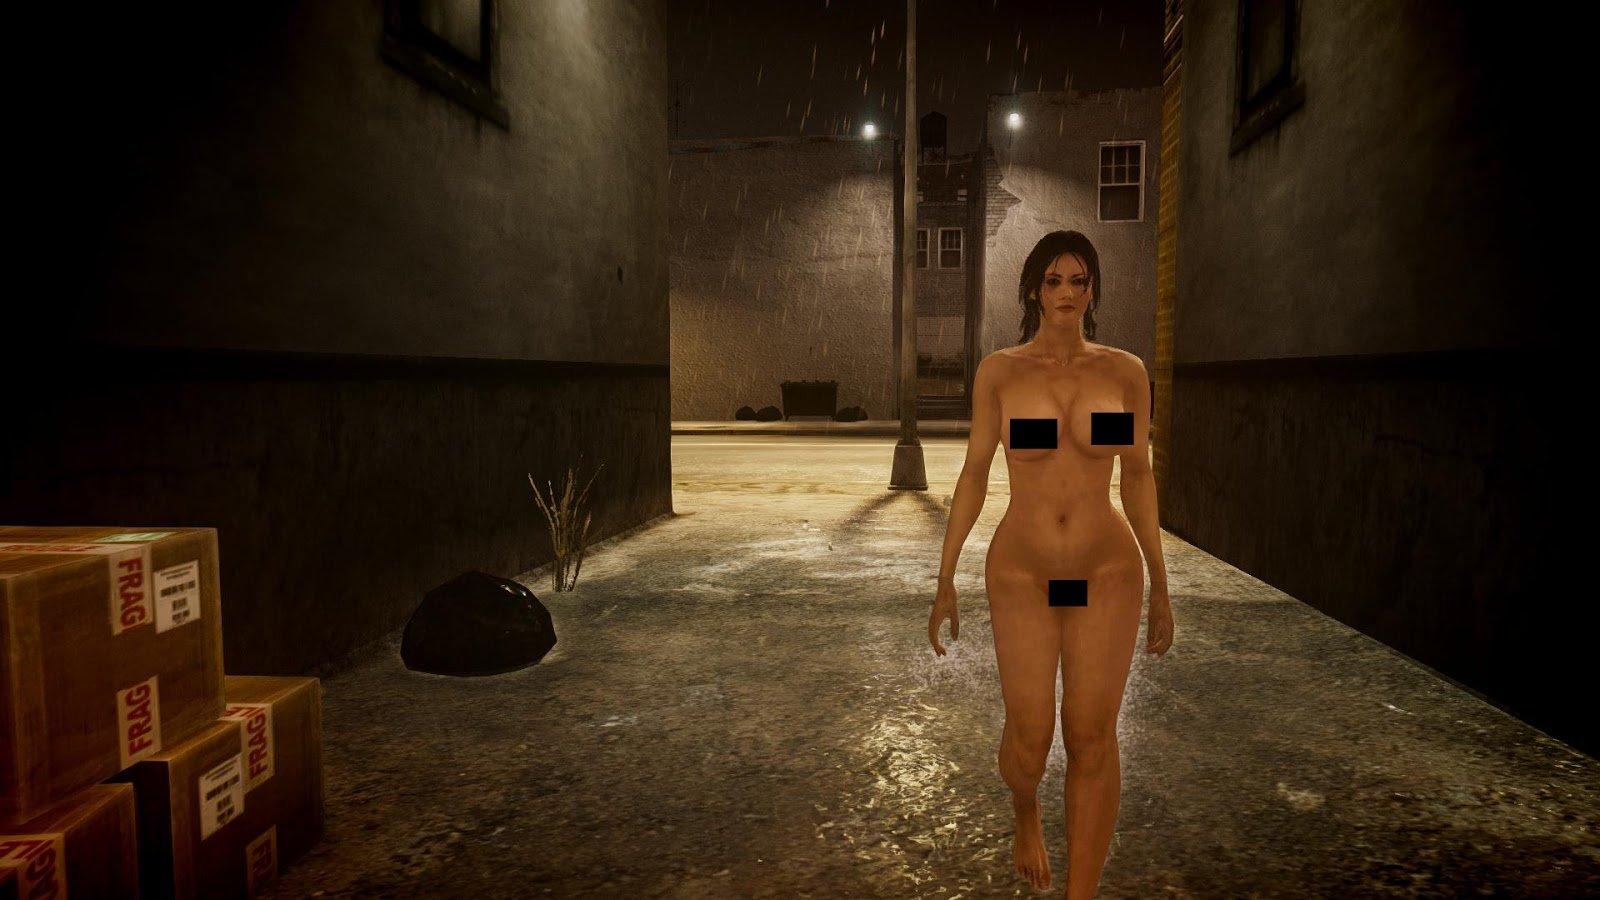 gta iv nude sex